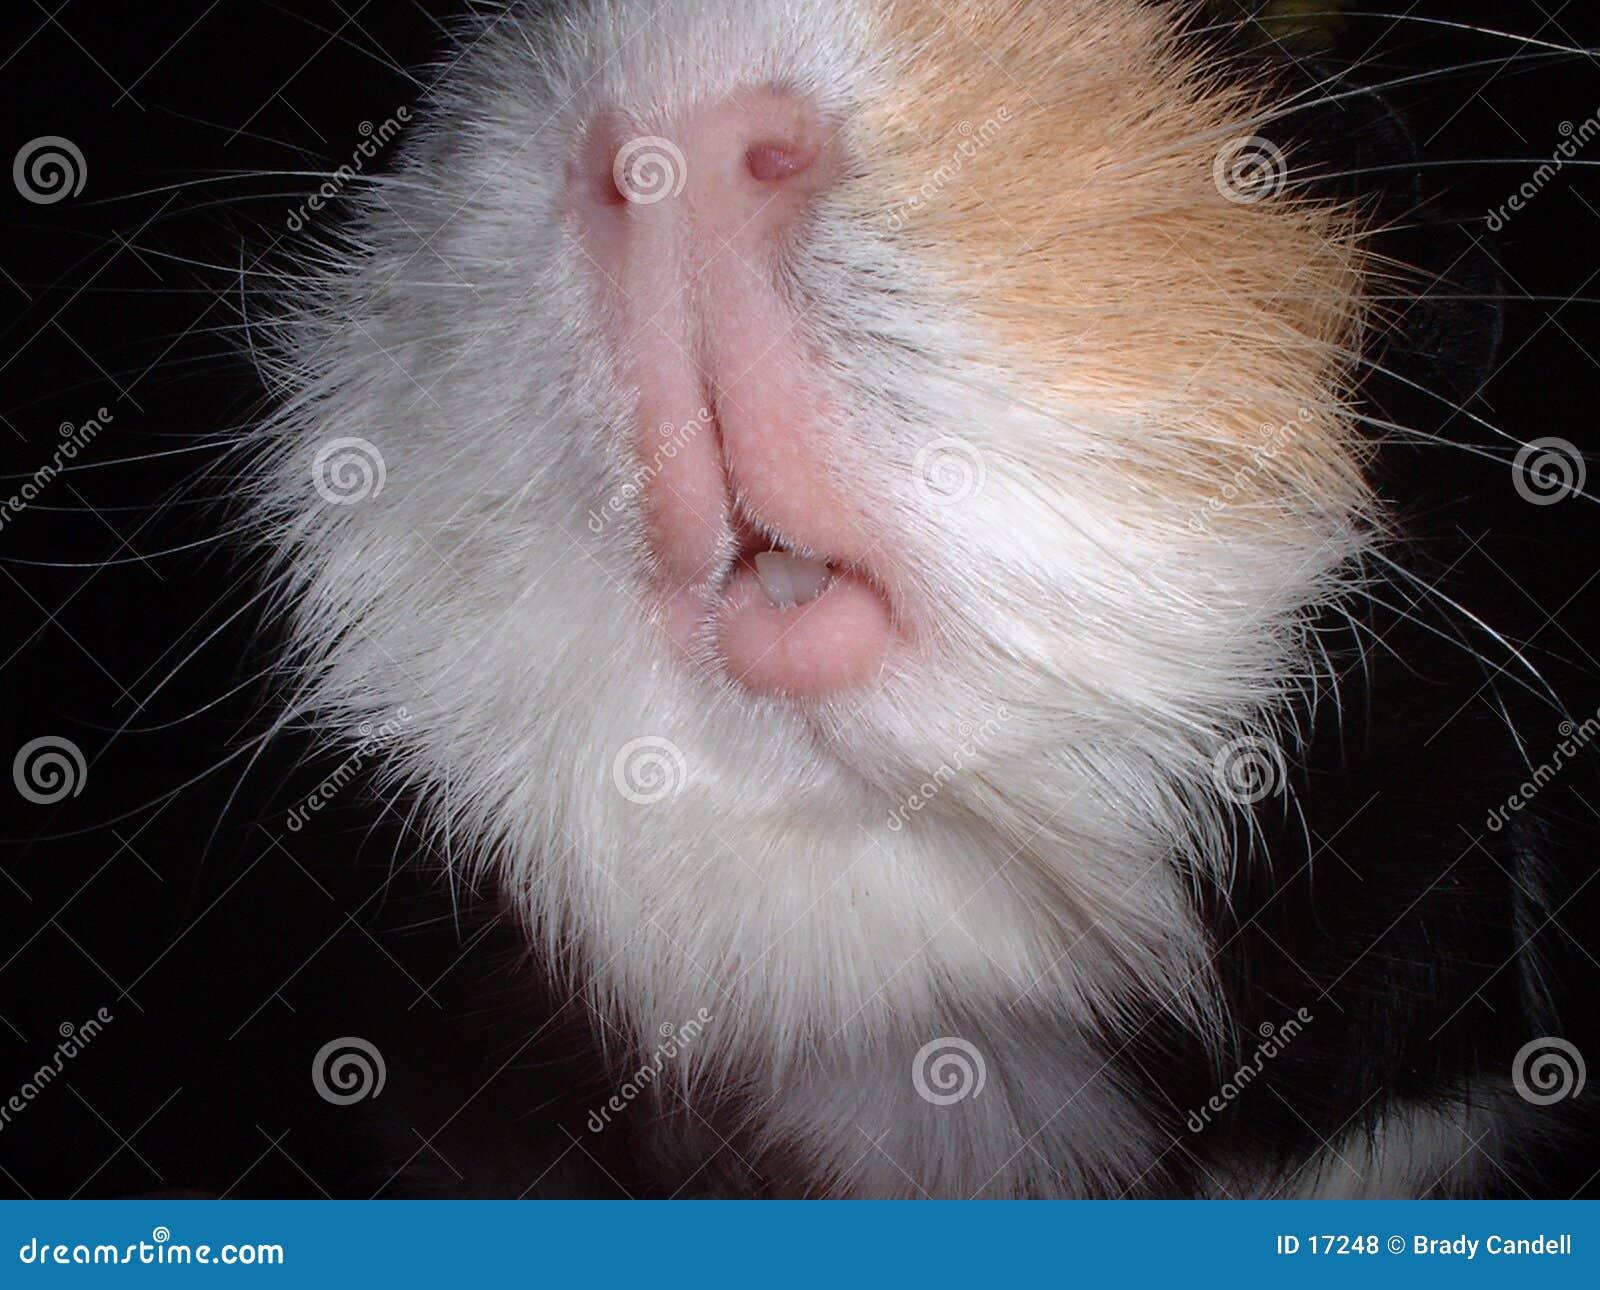 Guinea pig mouth